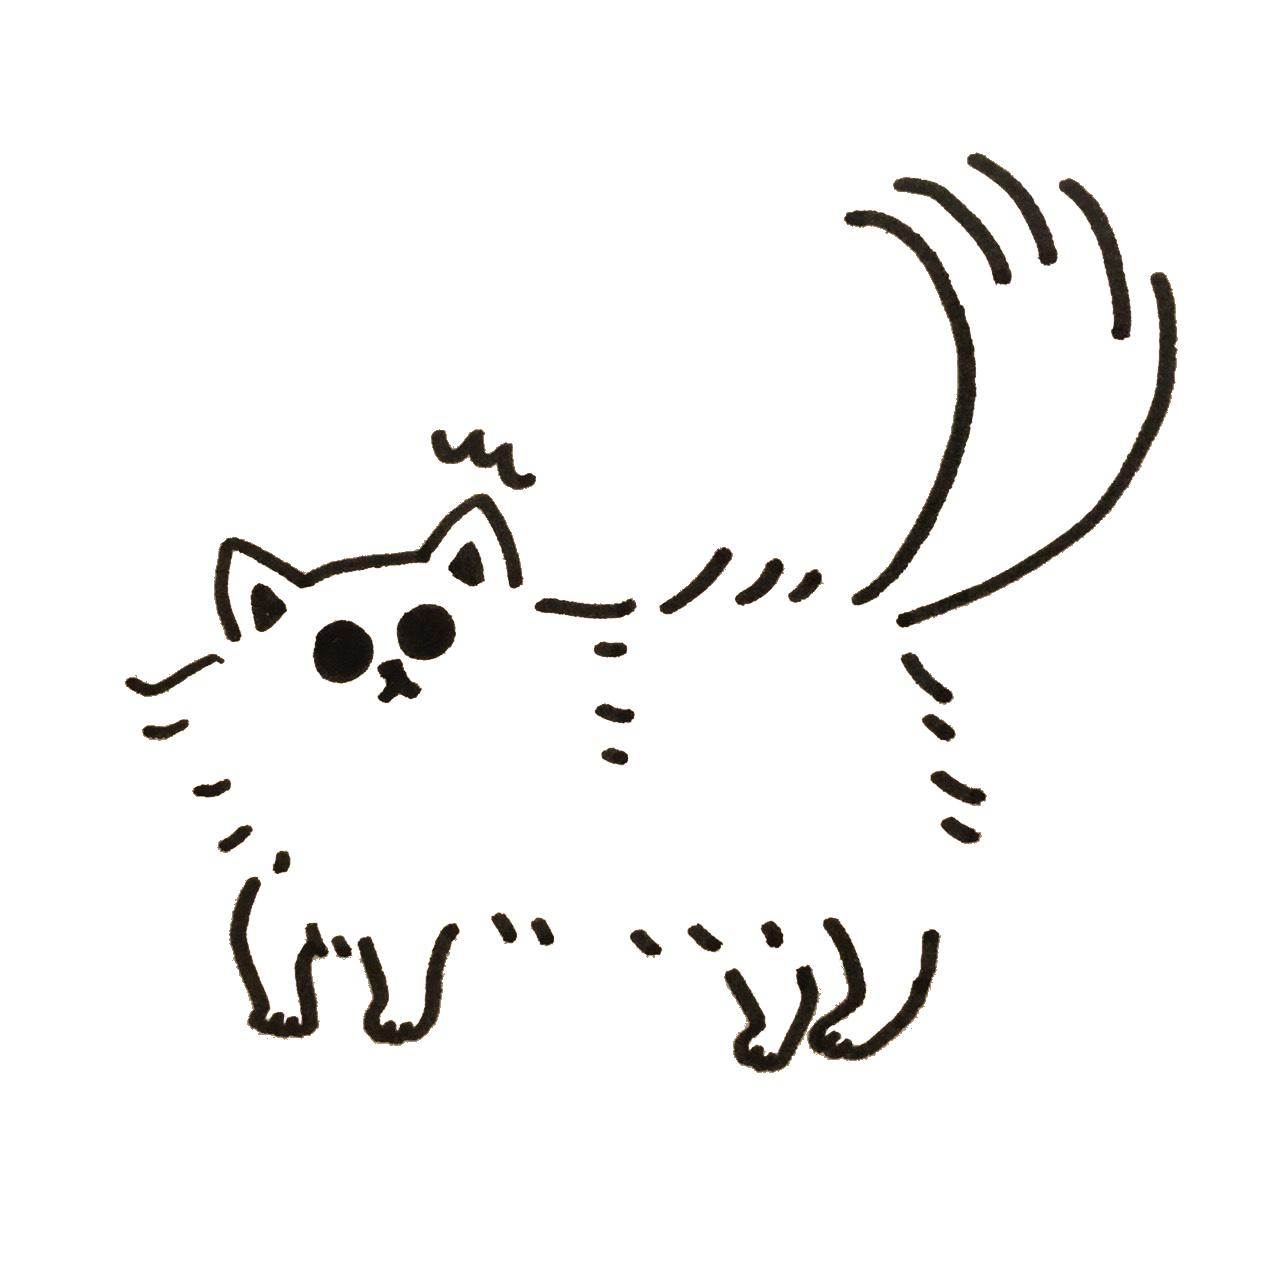 突然の音に驚く猫